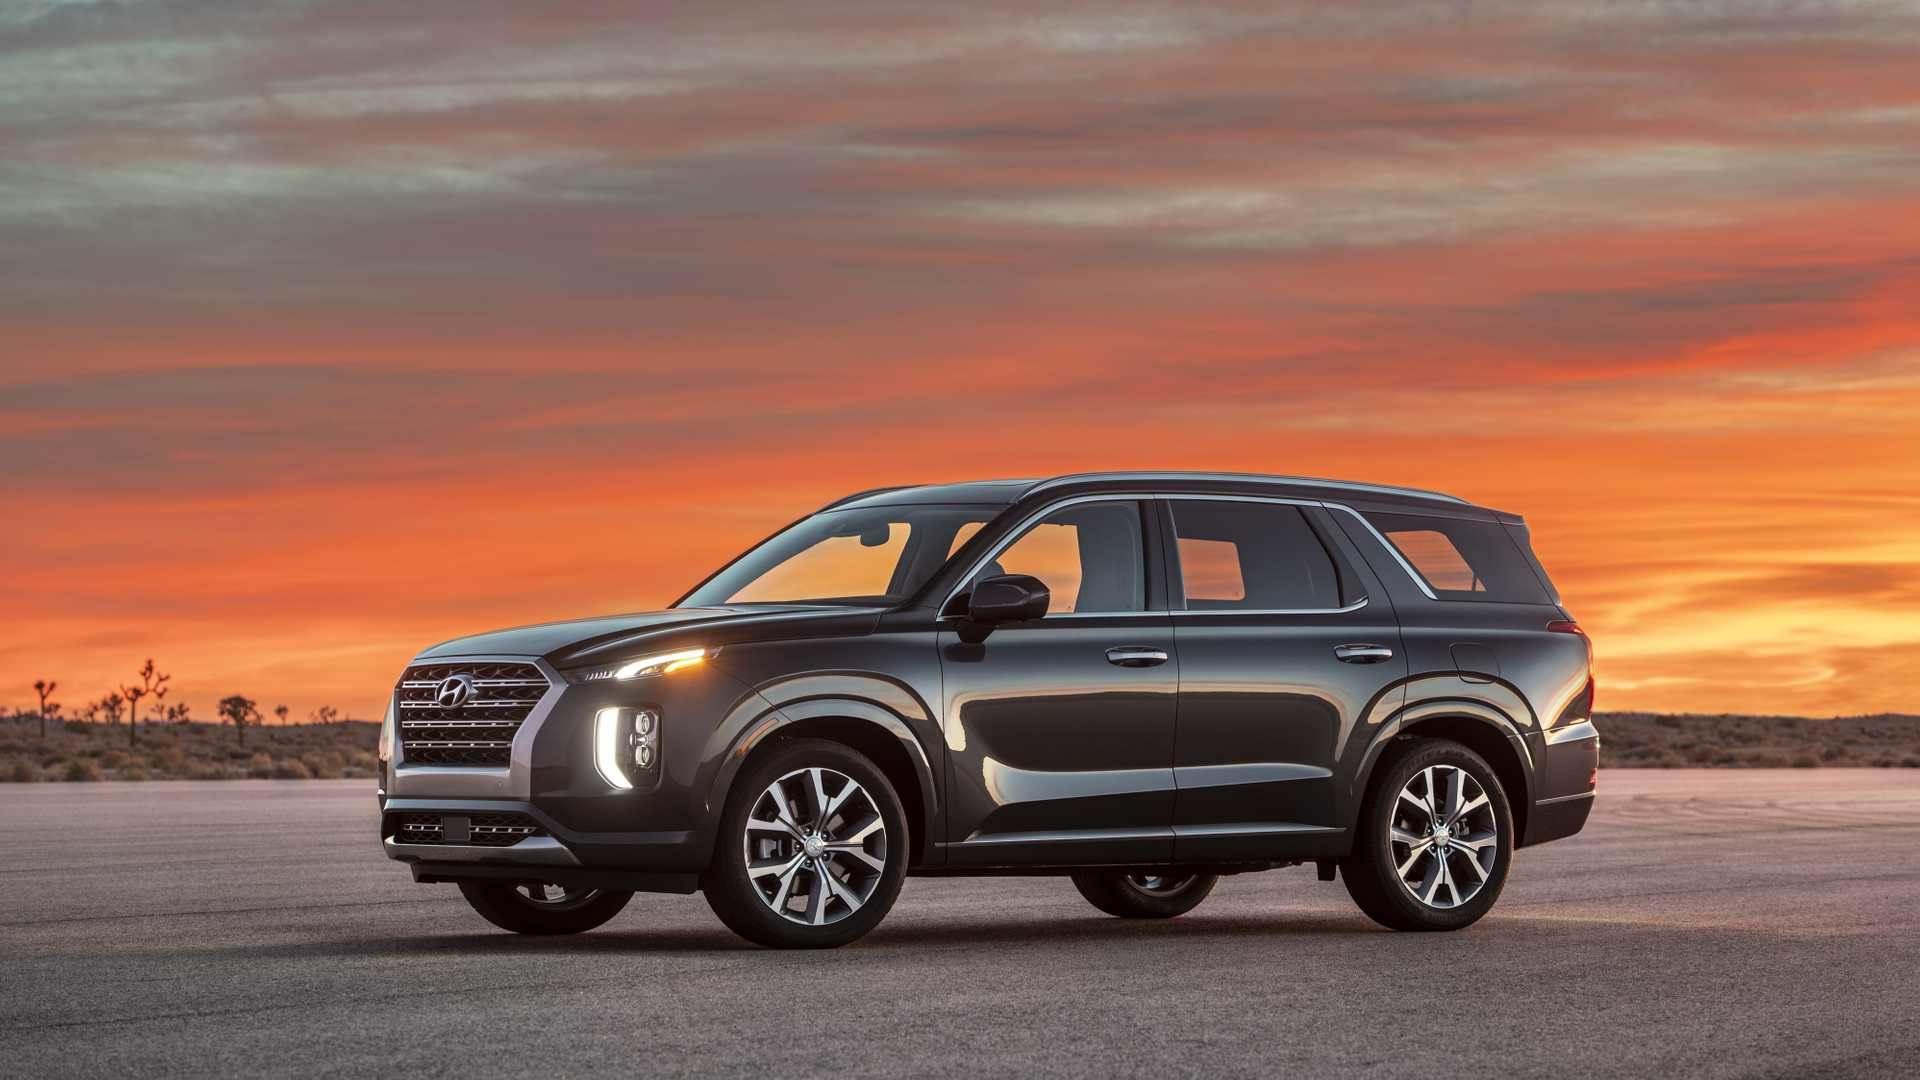 2020 Hyundai Palisade SUV image gallery